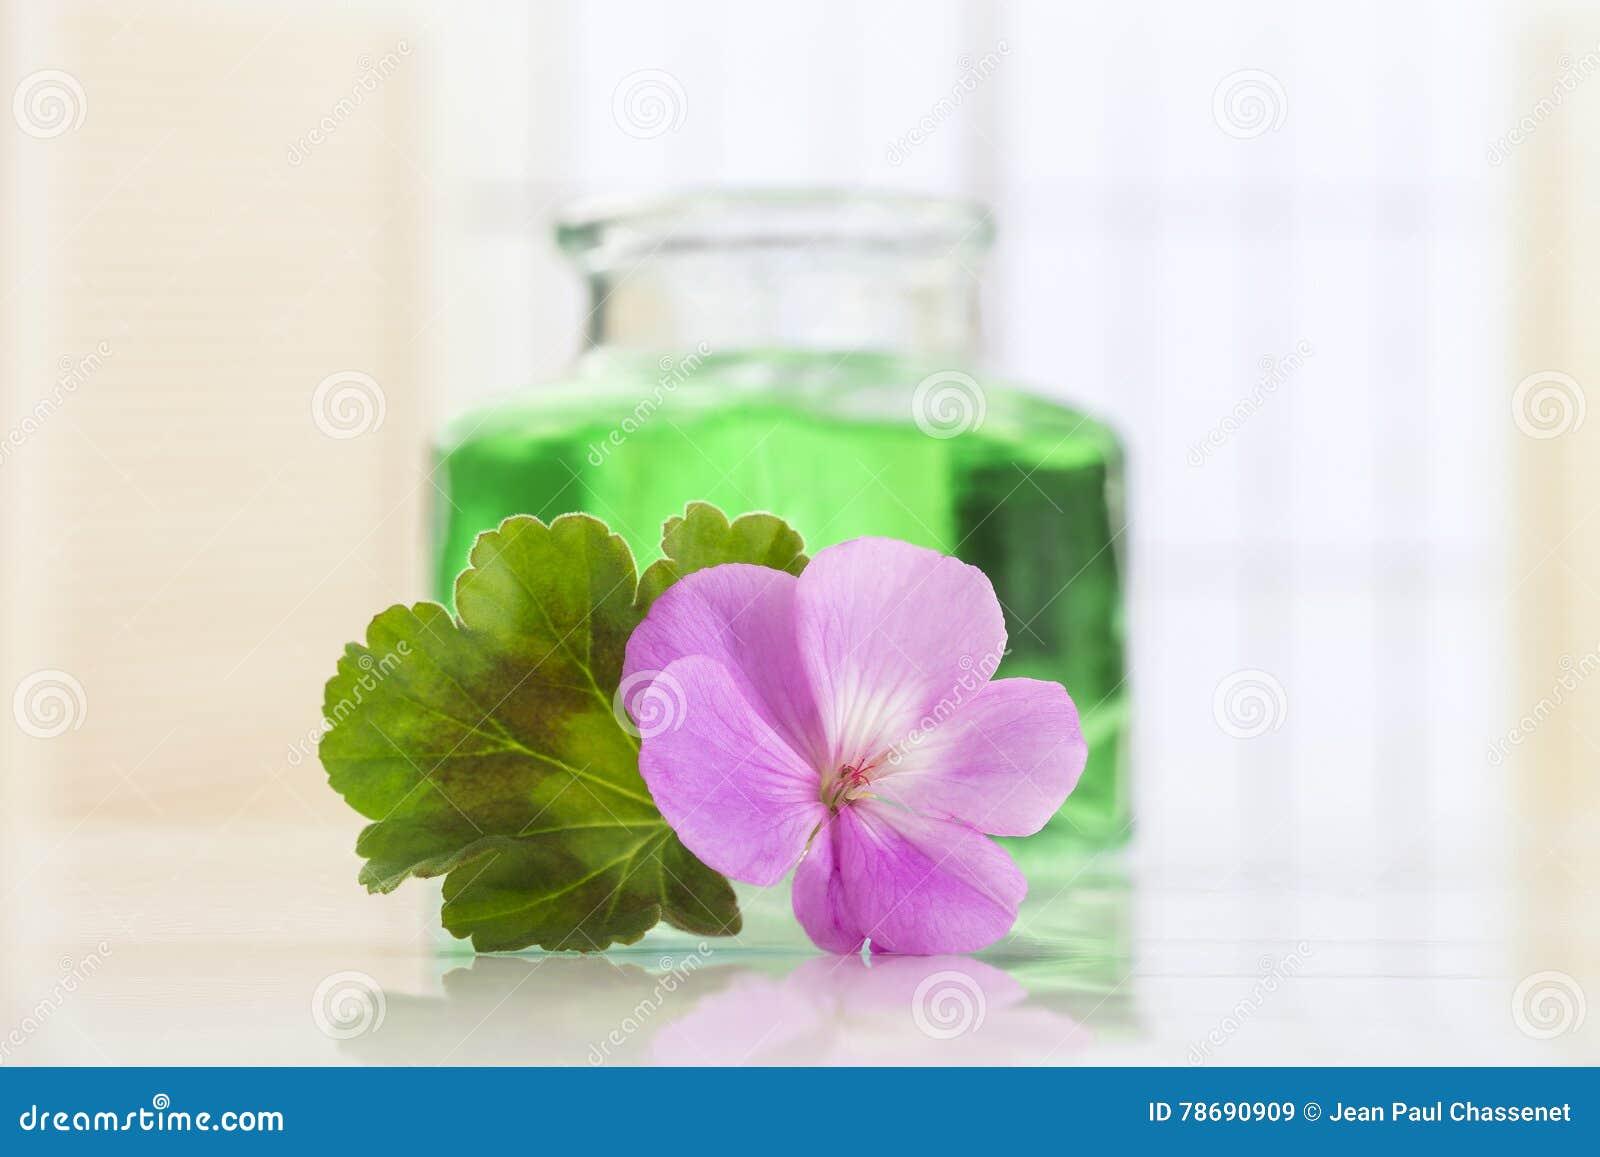 Ουσιαστικό πετρέλαιο γερανιών στο μπουκάλι και τα λουλούδια